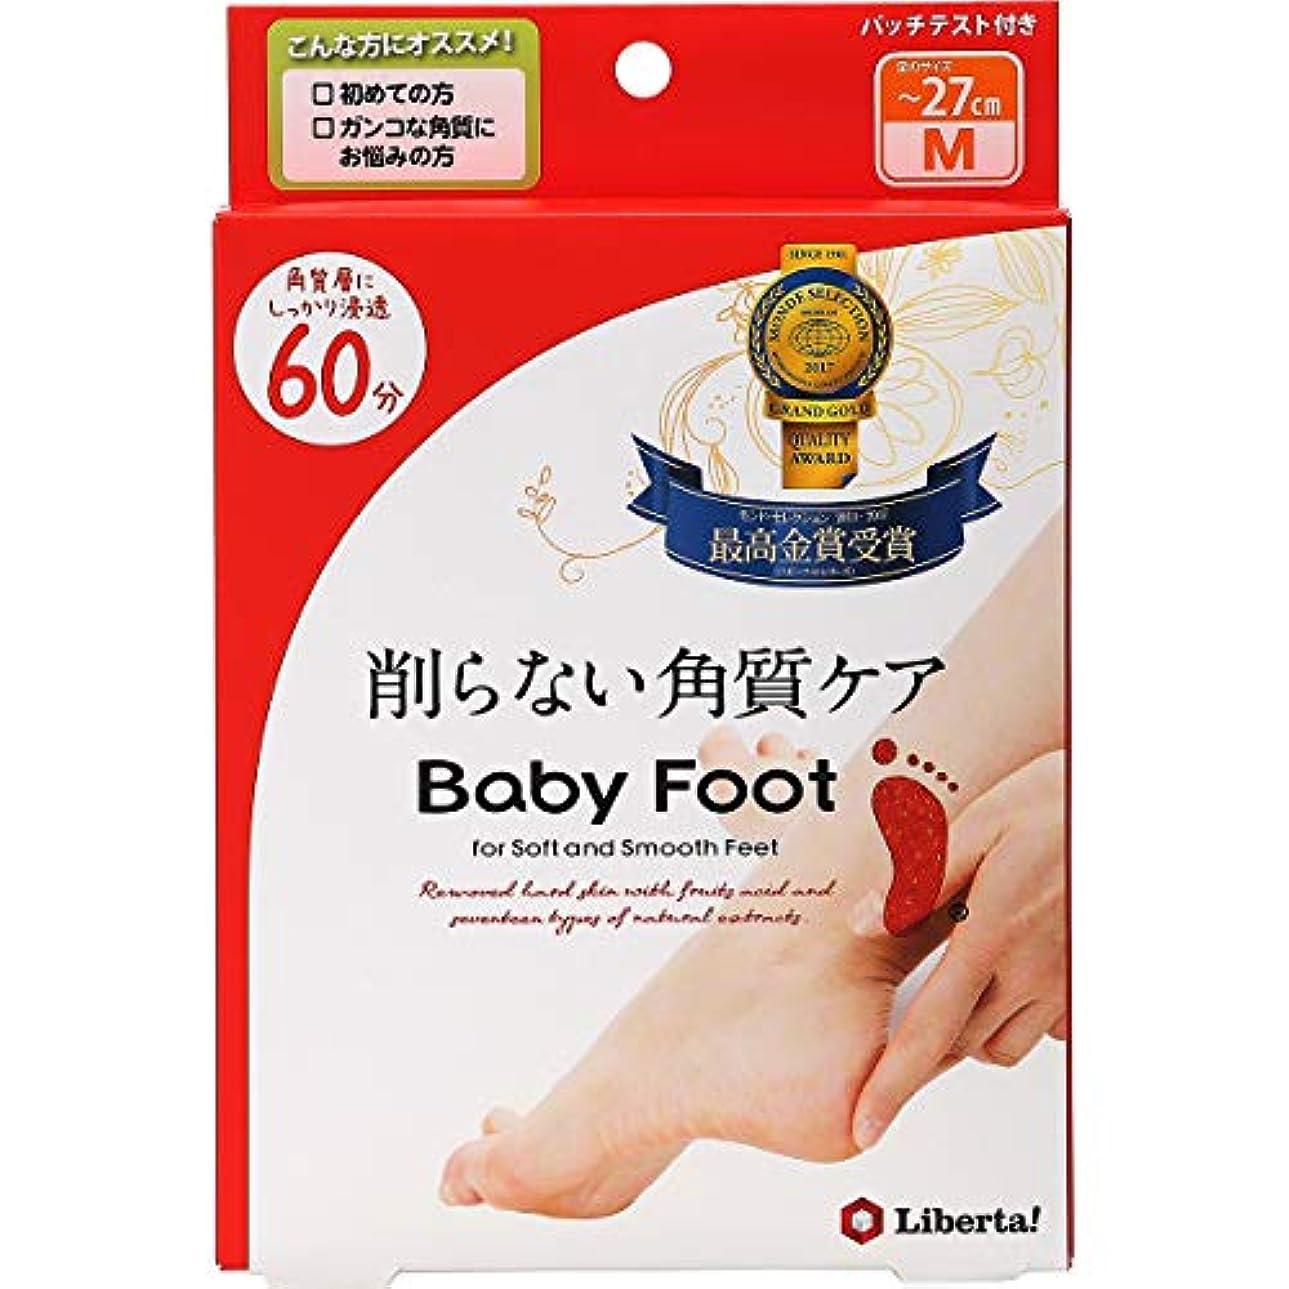 オーナー堂々たる協力するベビーフット (Baby Foot) ベビーフット イージーパック SPT60分タイプ Mサイズ 単品